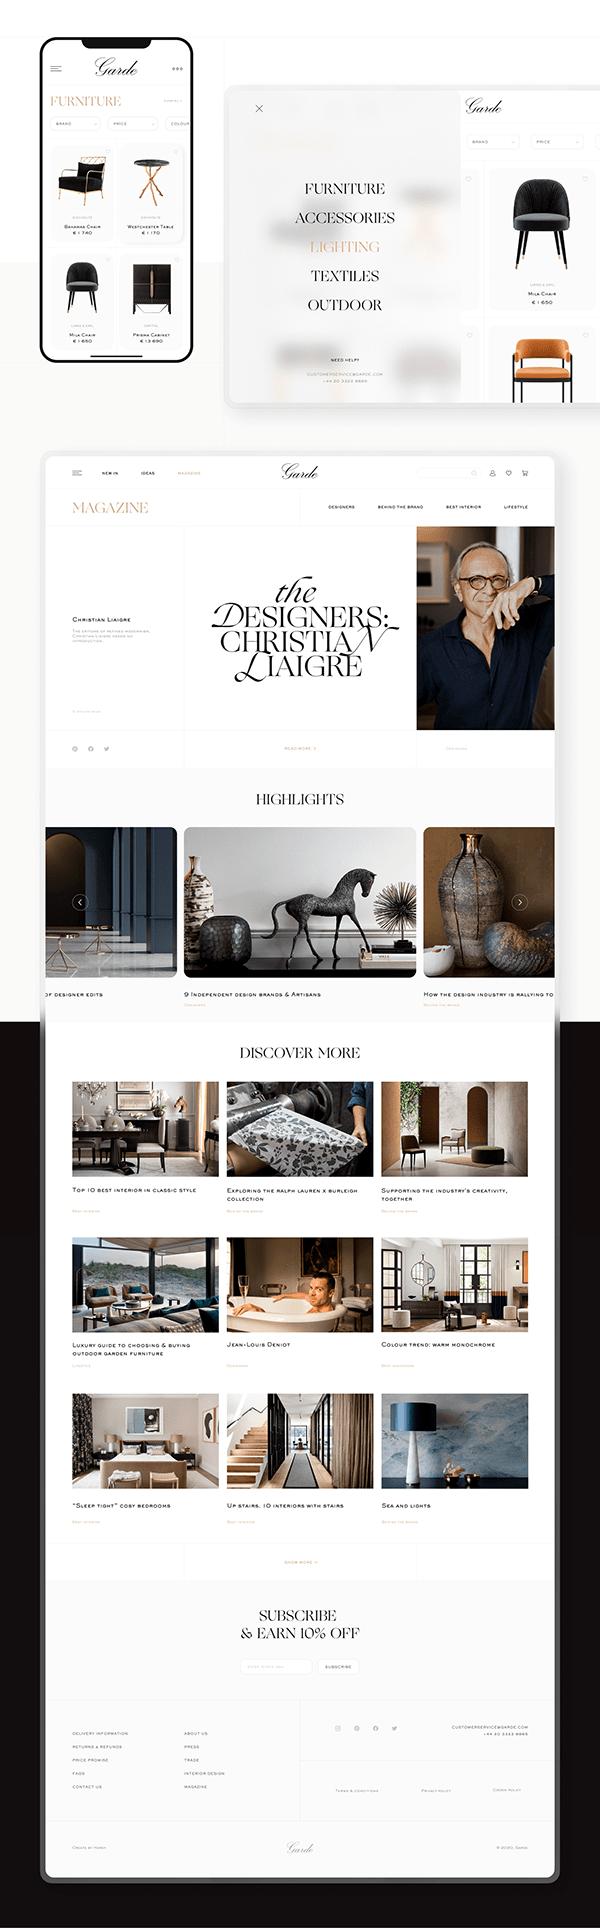 Garde – Online Store